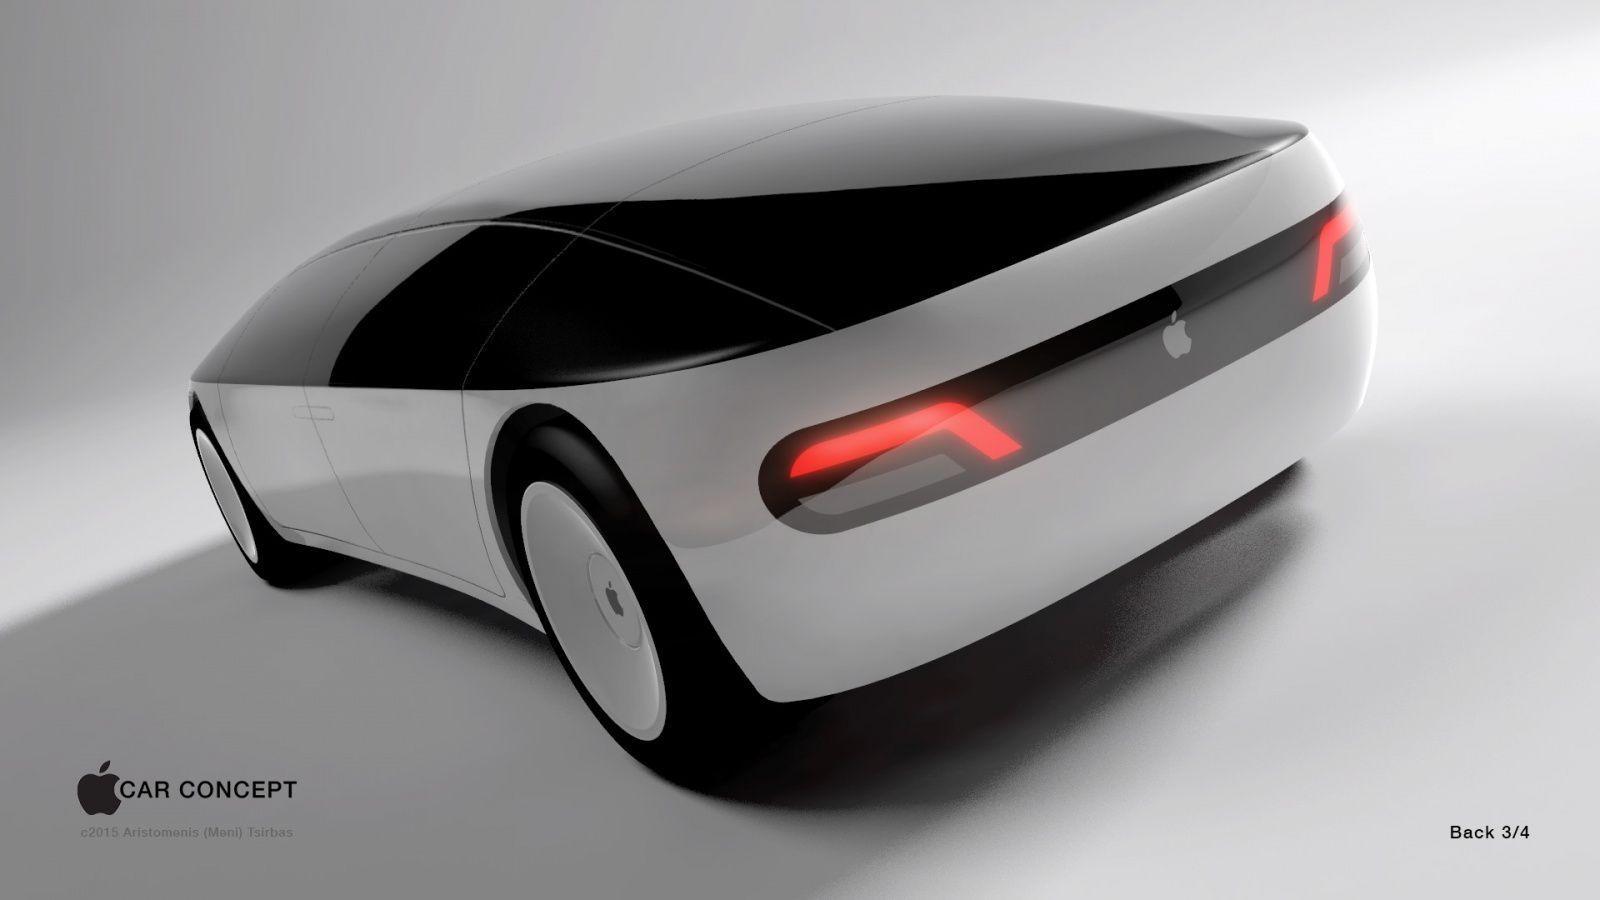 Ingen vet hvordan Apples framtidige elbil ser ut, men noen desigerne tror den vil se omtrent slik ut. Foto: Aristomenis